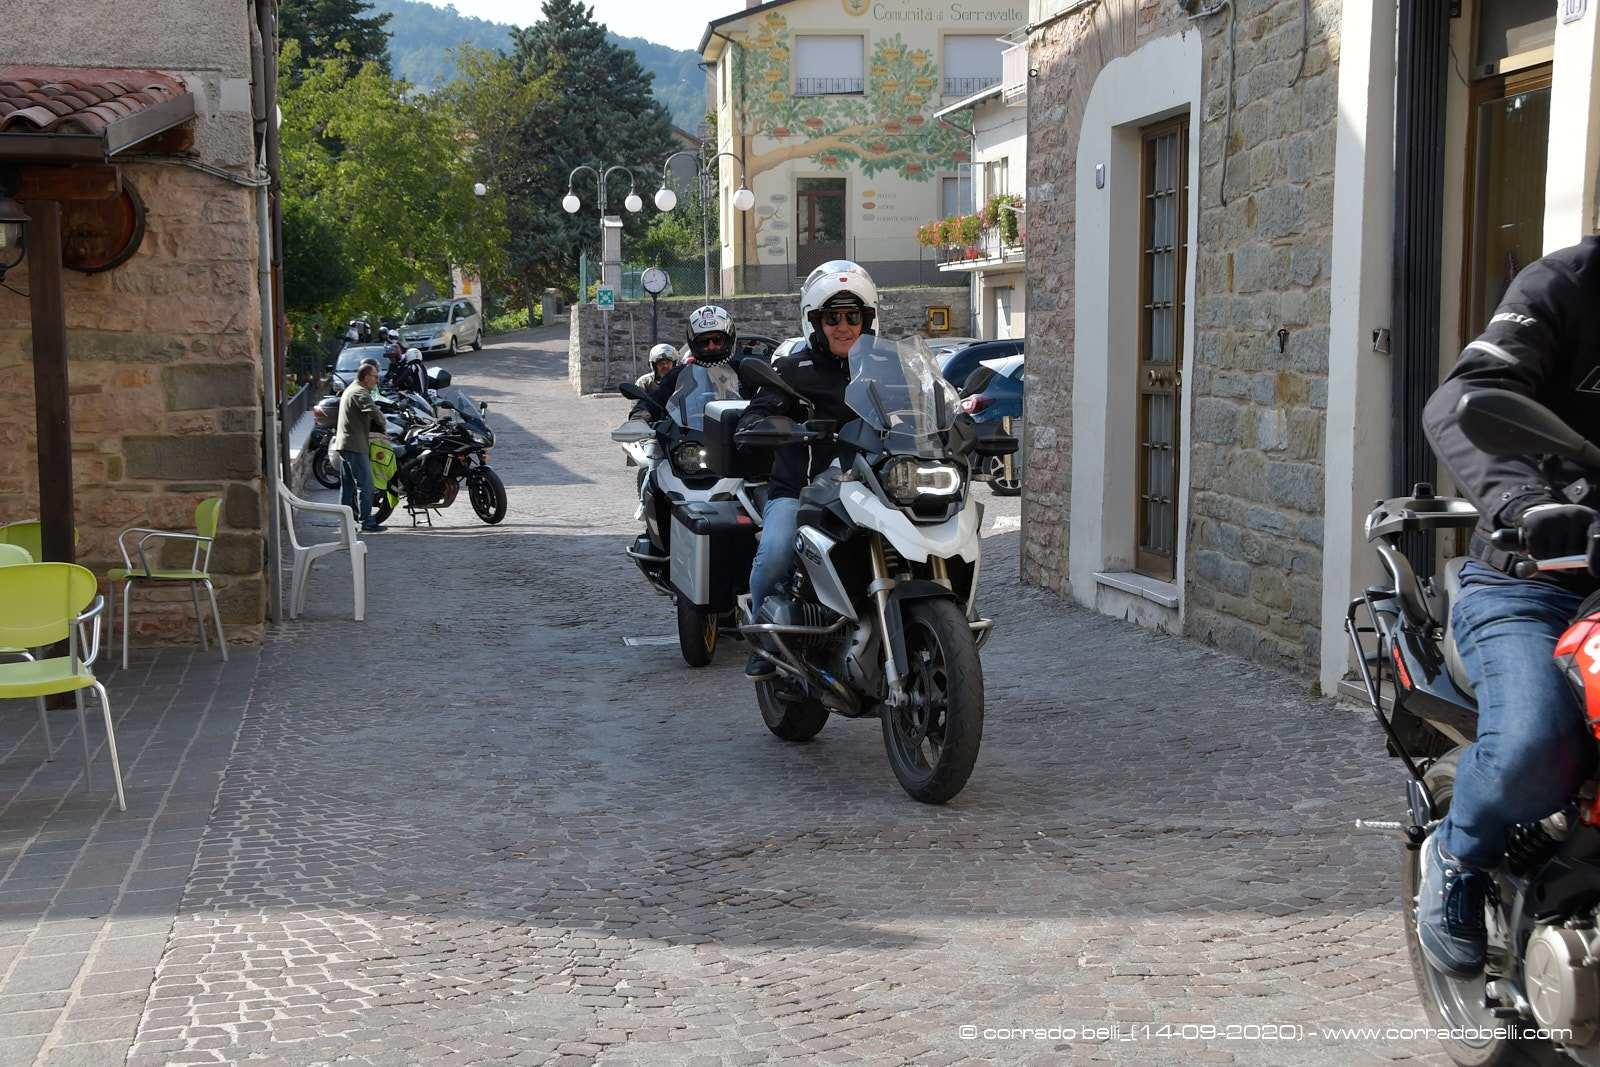 0216_-Benelli-Week-14-09-20